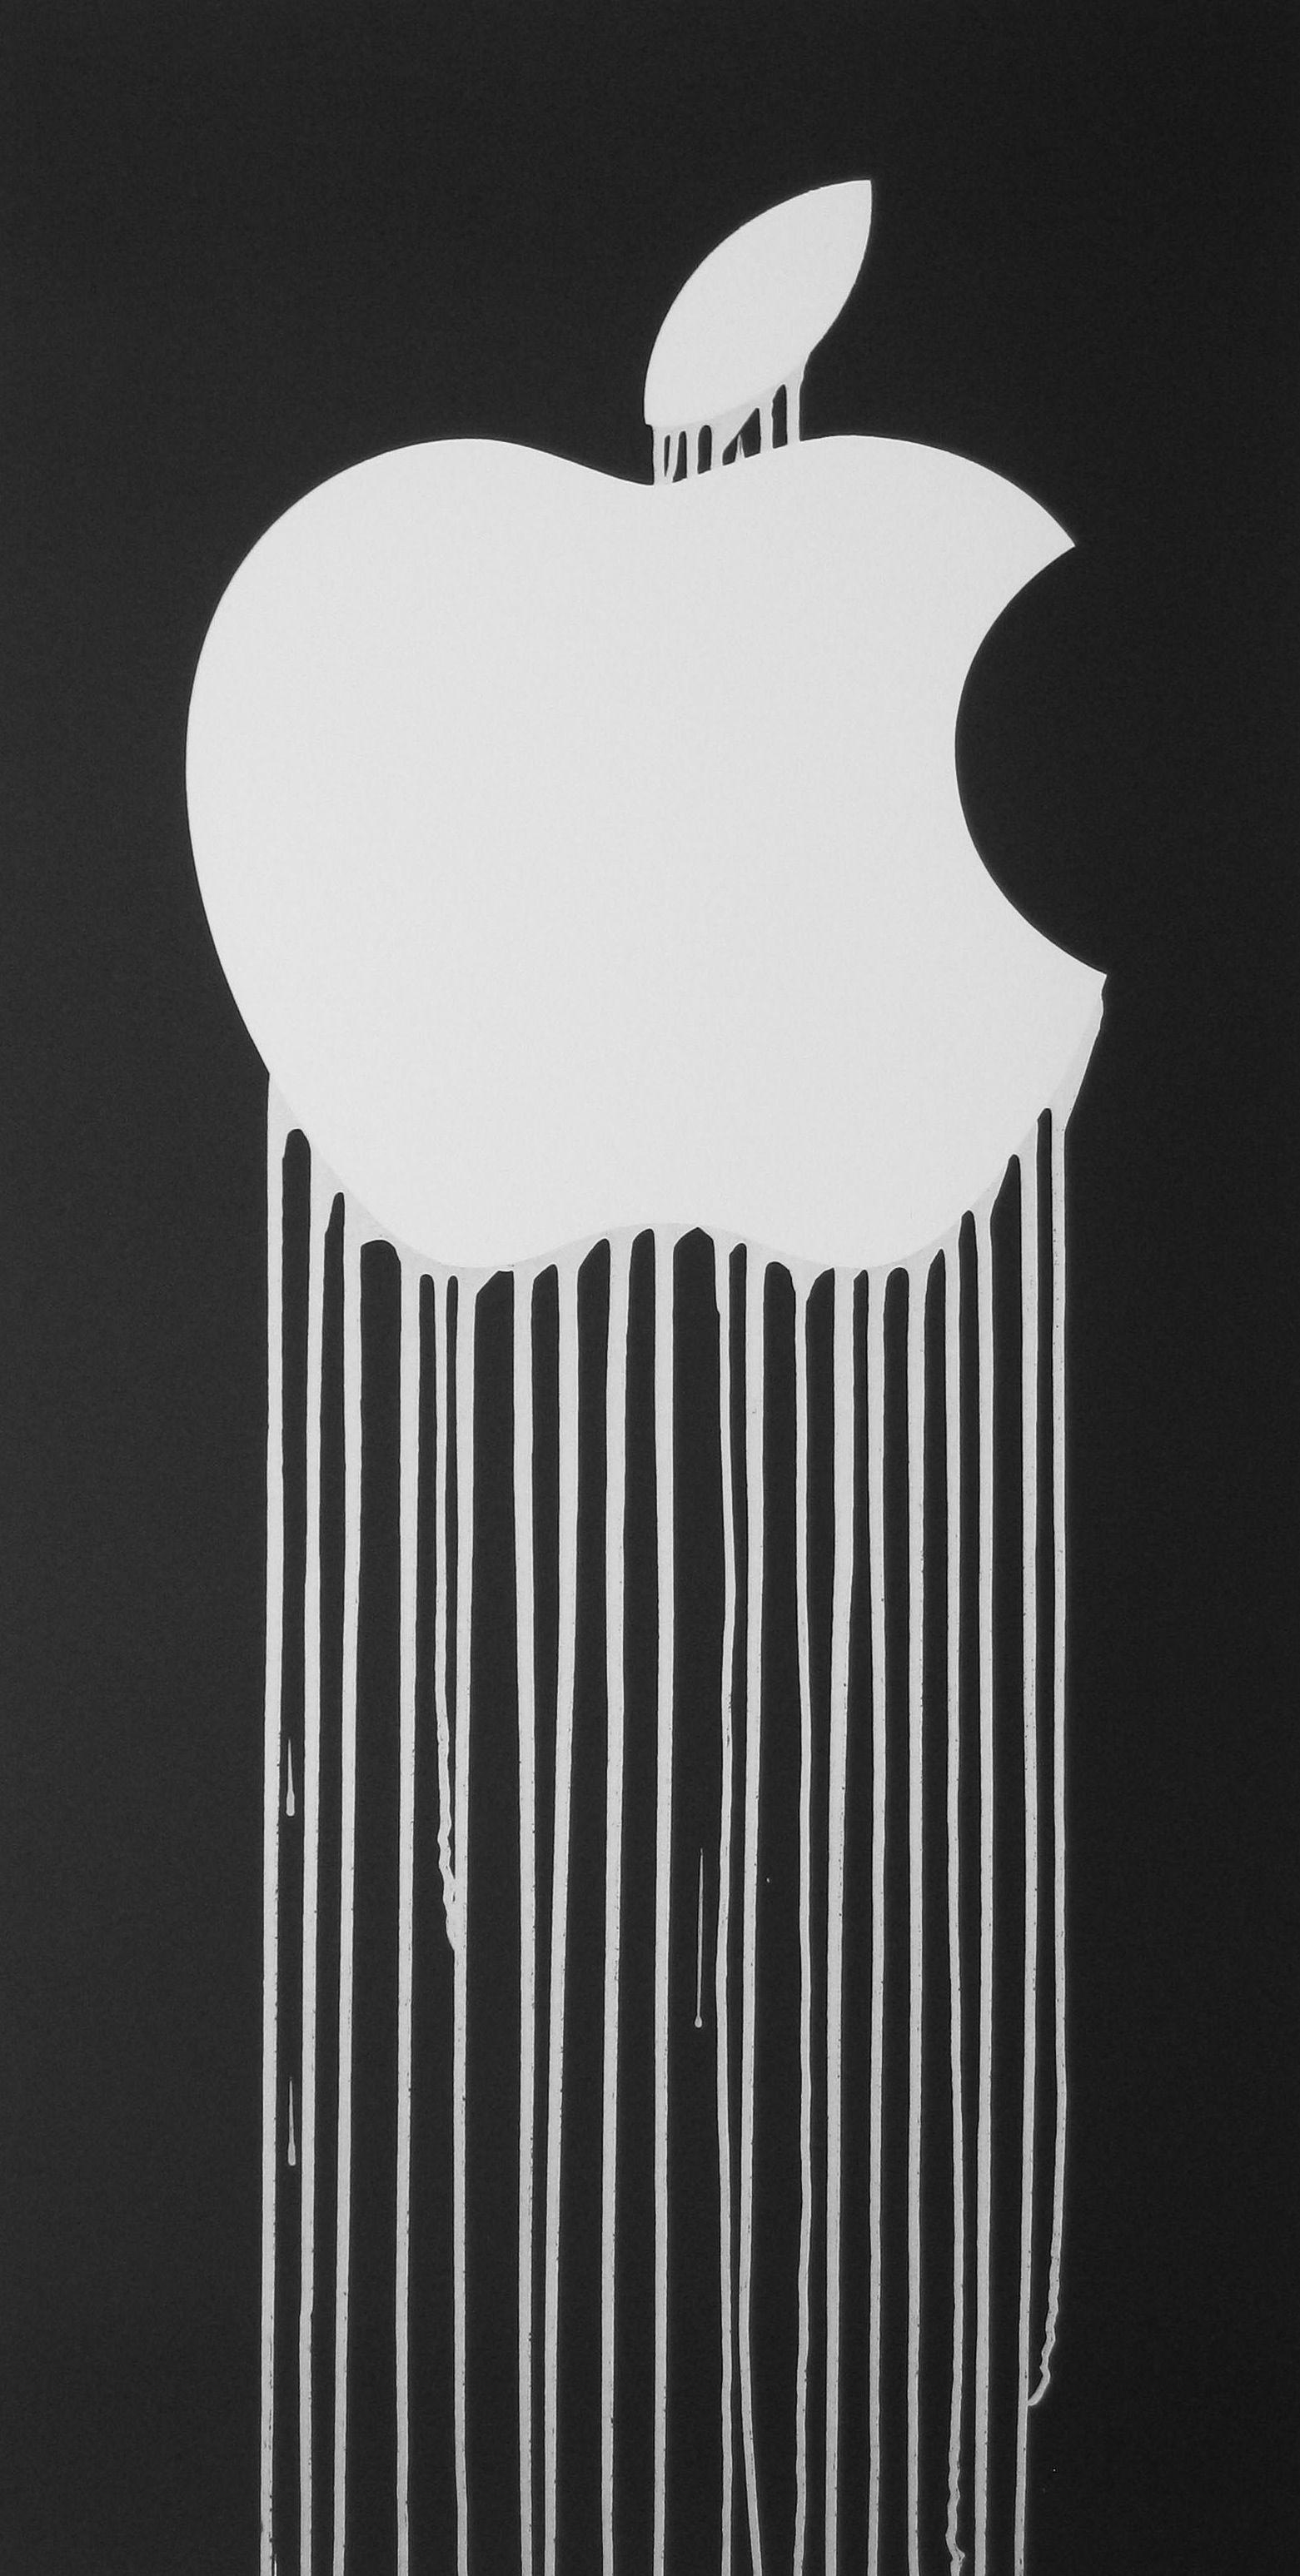 ZEVS Liquidated Logo Apple